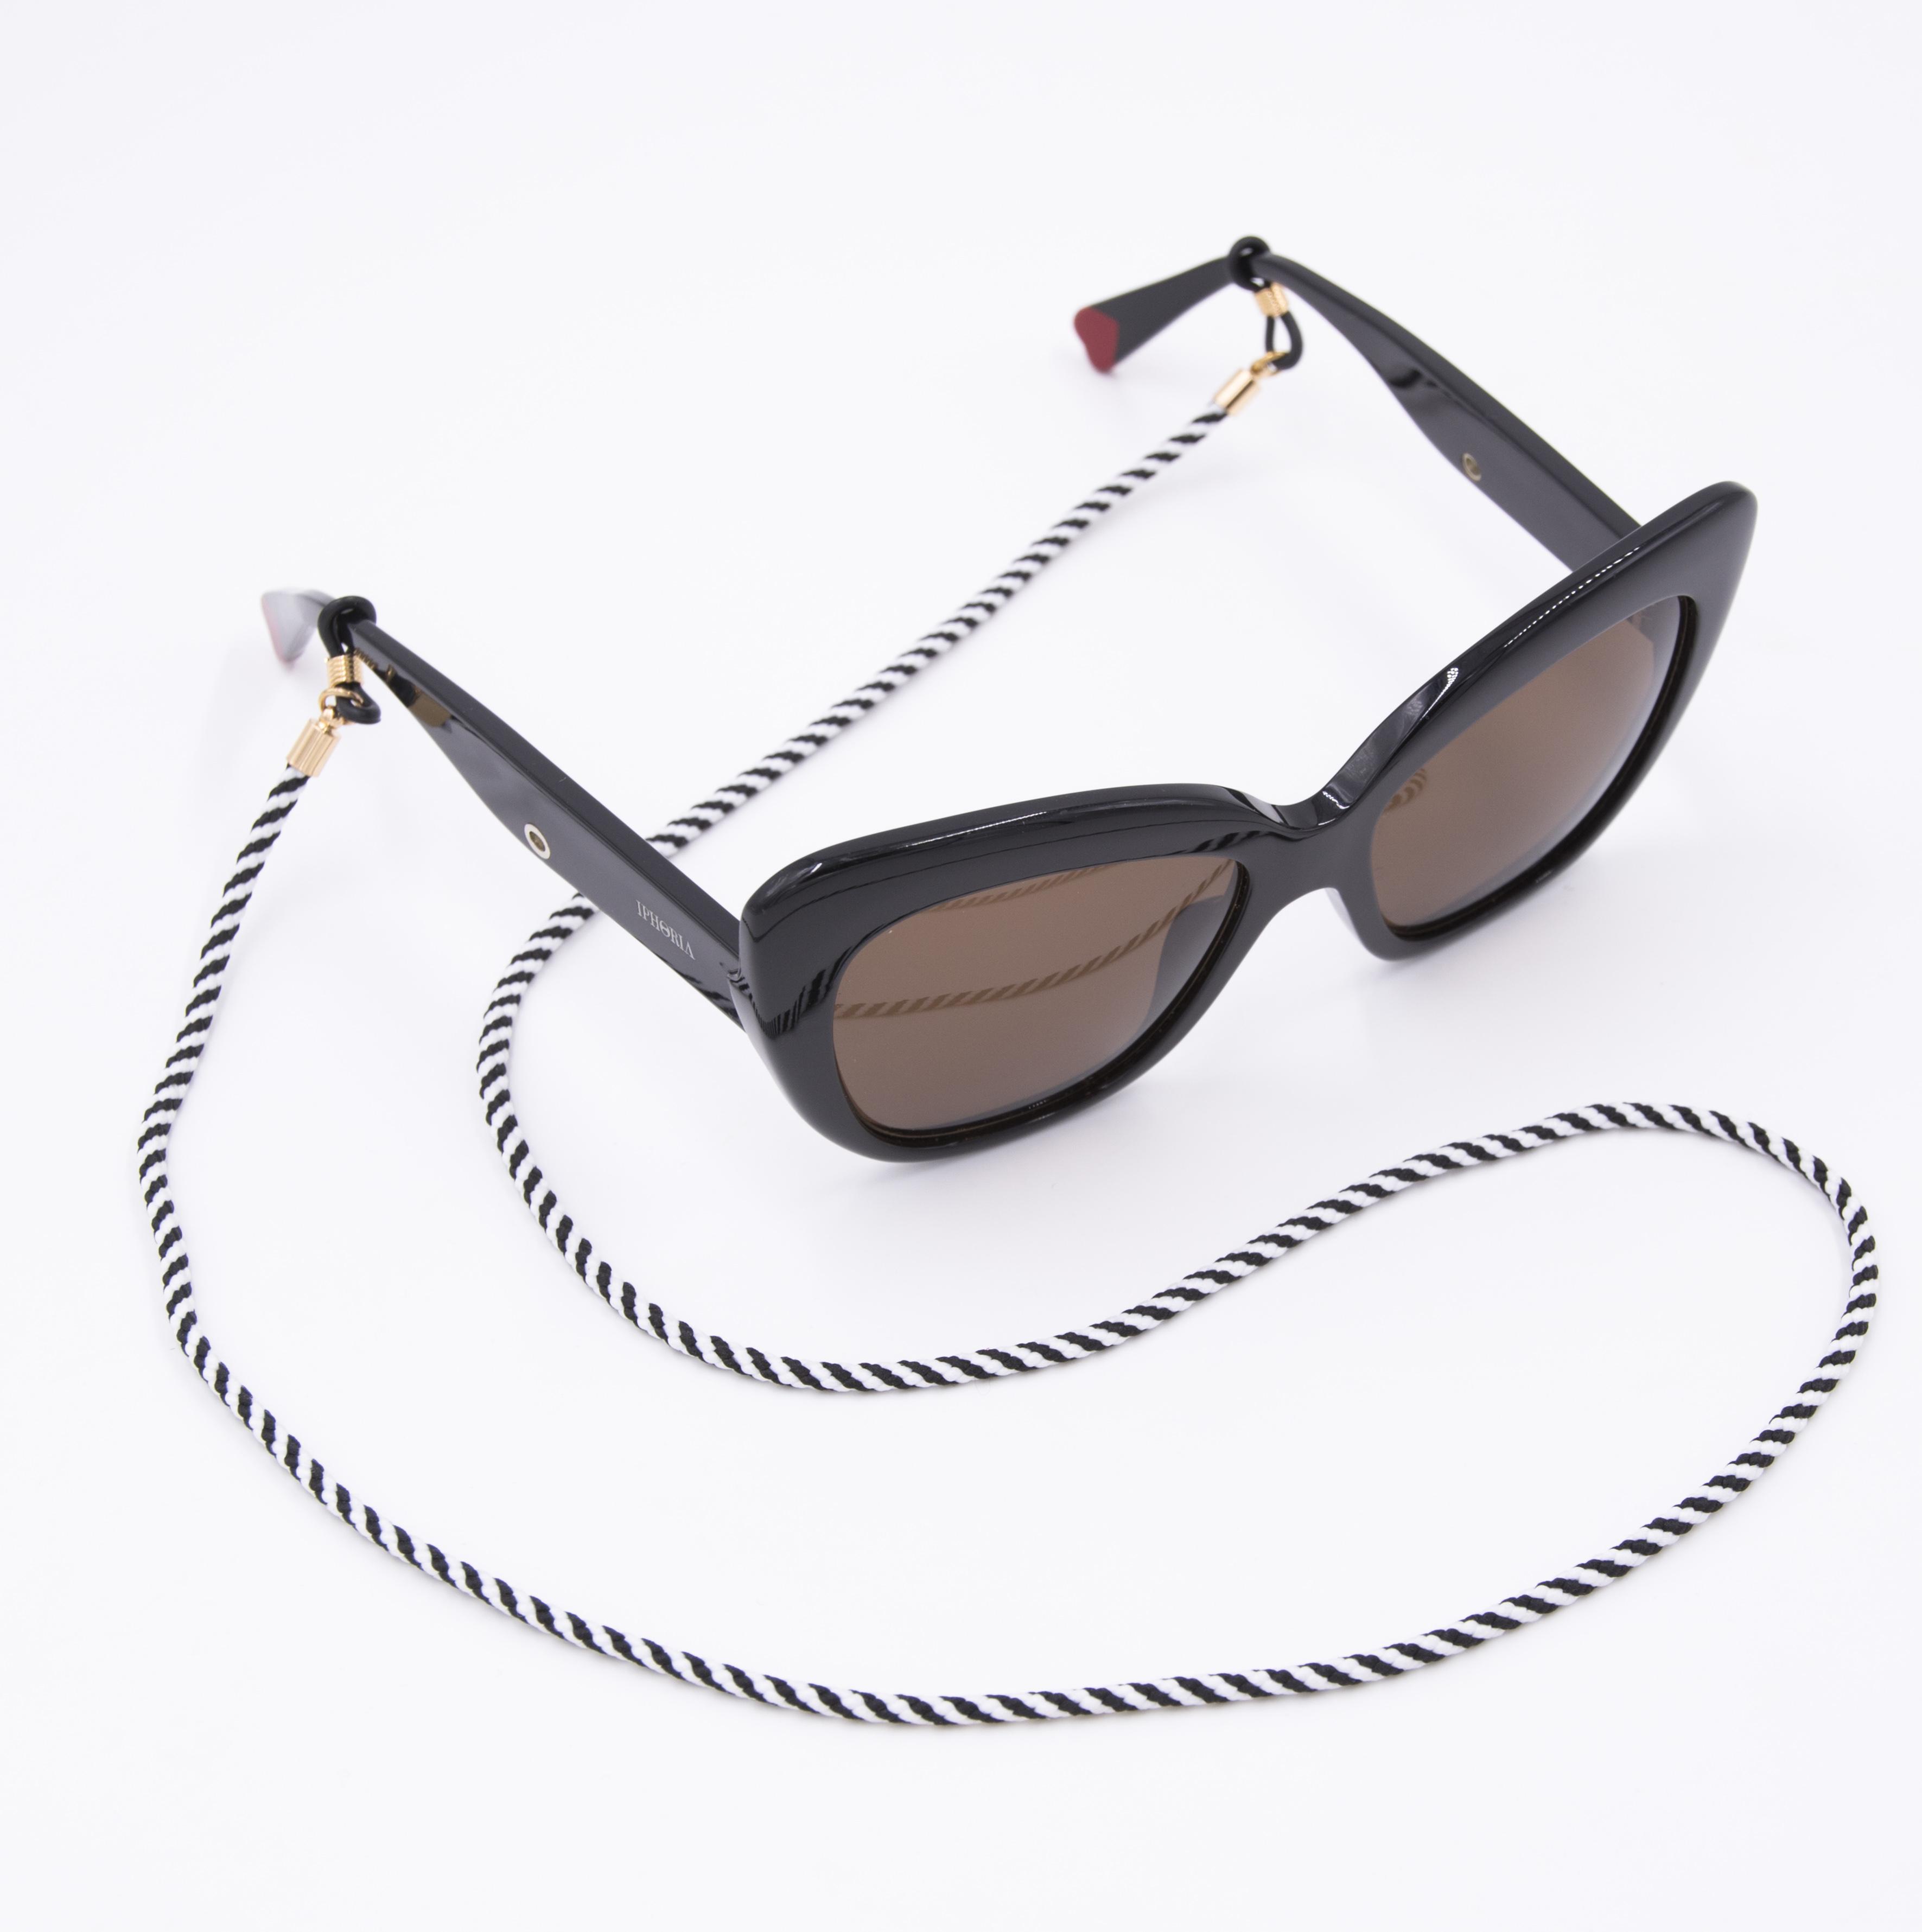 0c824a132fc8 Glasses Strap Nylon - Black and White | Bags & Accessories | IPHORIA